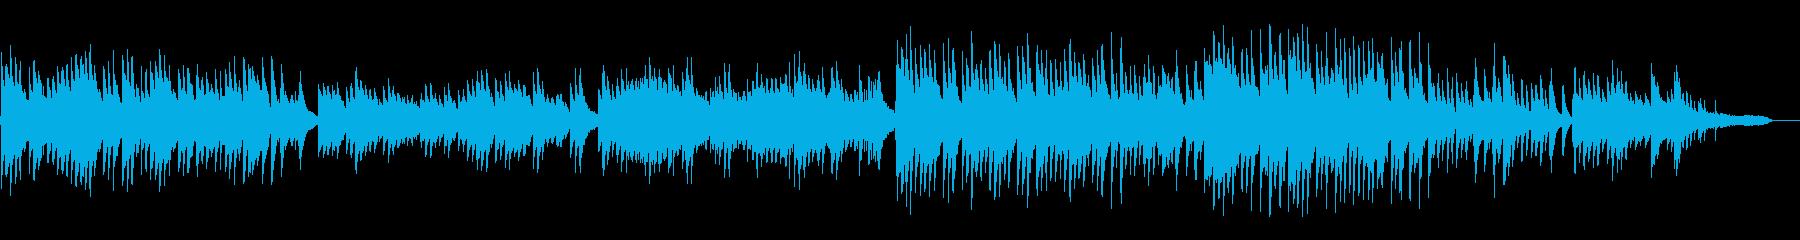 和風で日本的なピアノソロの再生済みの波形